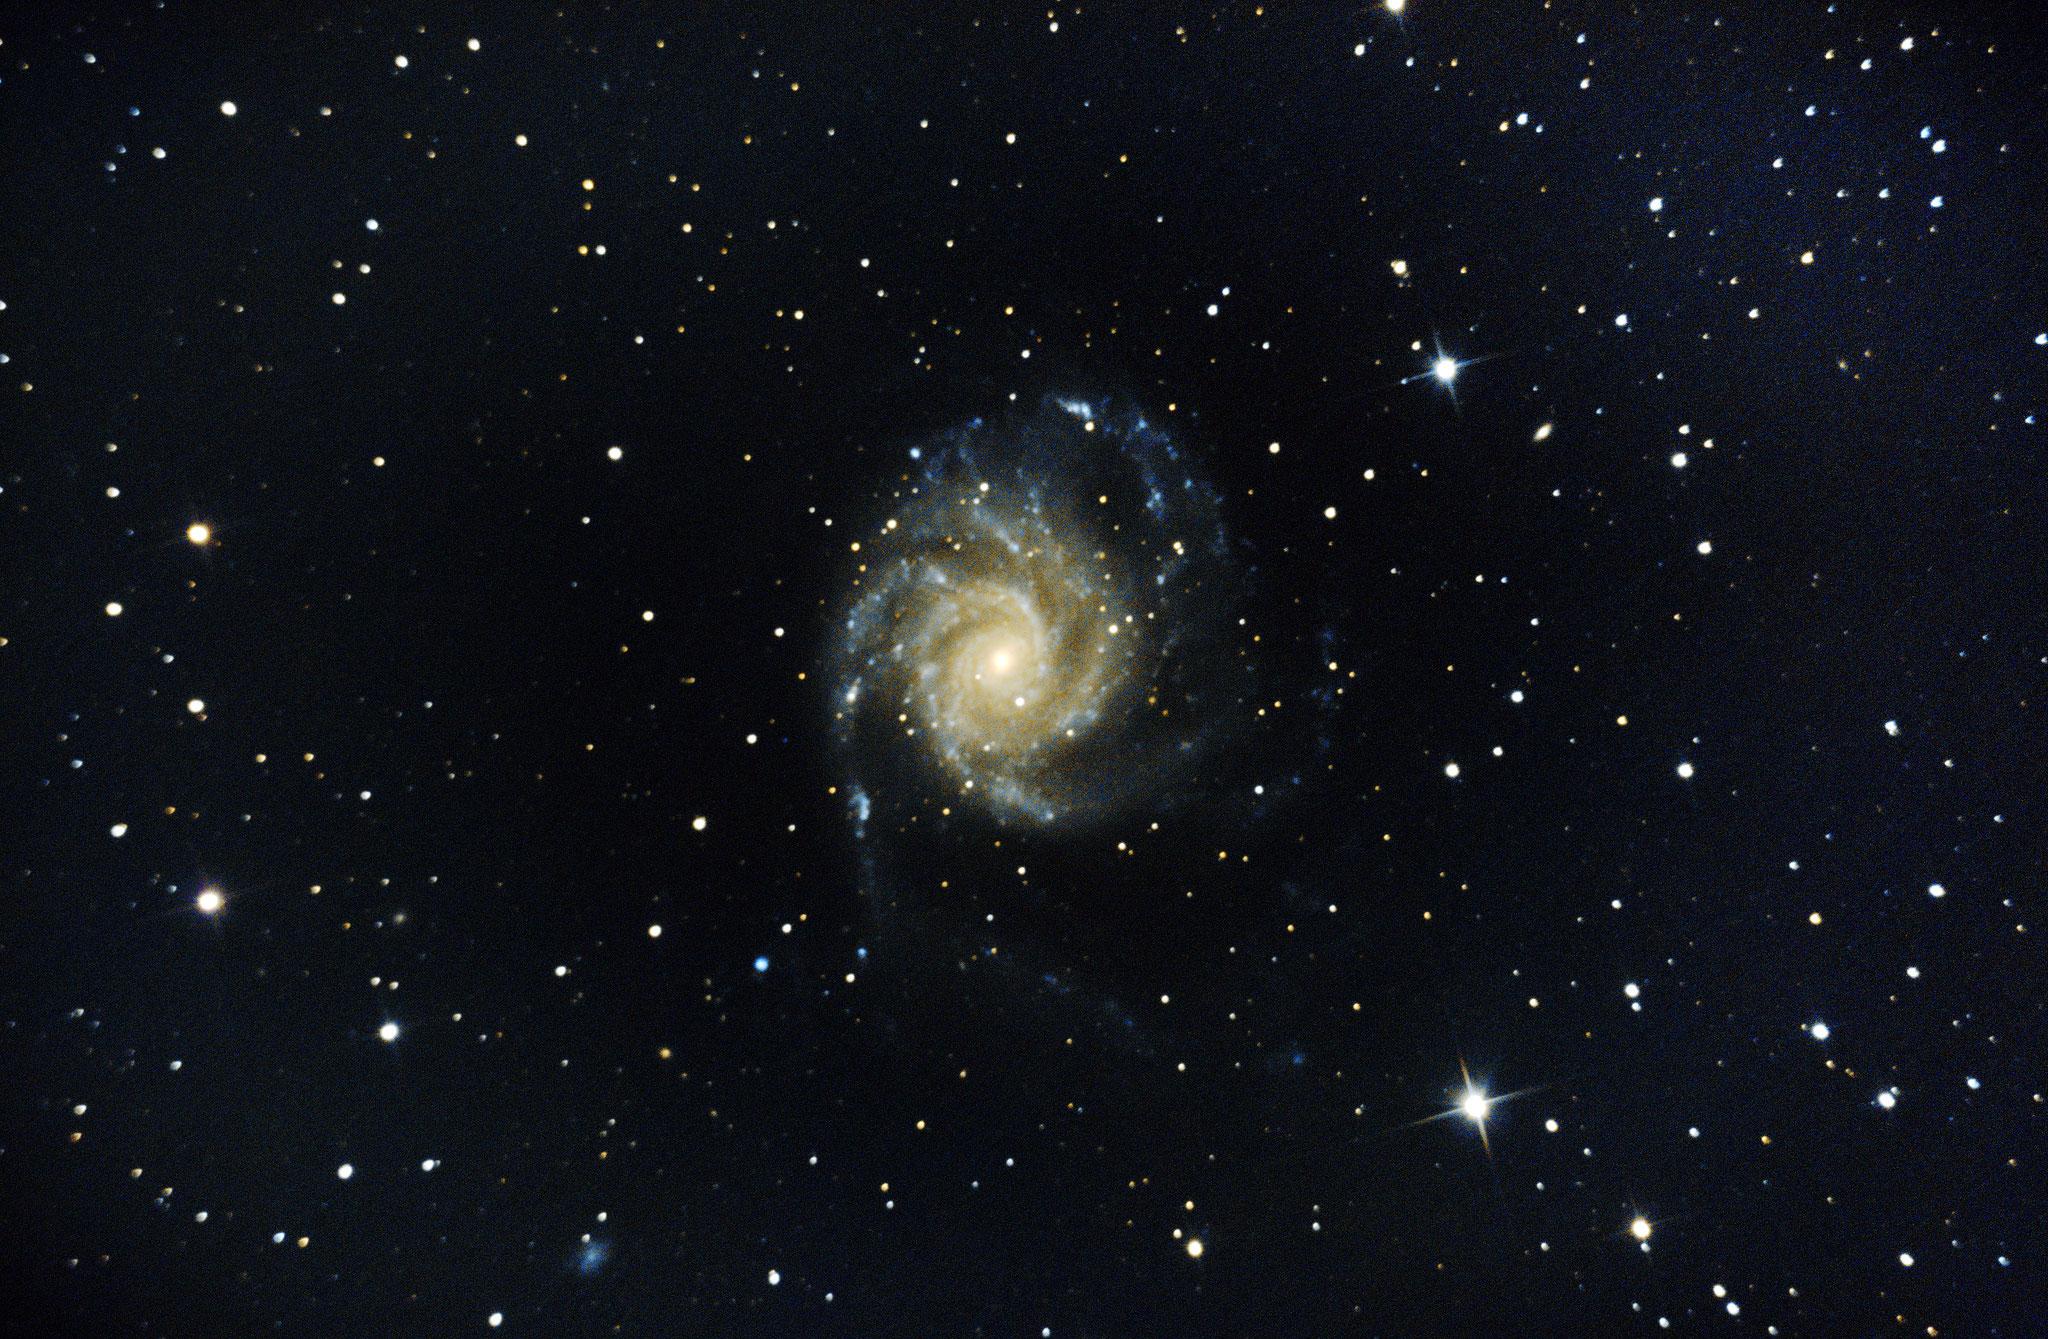 Galaxie M101 dite du moulinet (Grande Ourse) - Stéphane PICQUETTE -Newton 200/1000 - monture EQ6R-PRO, caméra ZWO 294MC refroidie, 70 poses de 120s, gain 310, 20 dark, 20 offset, 20 flat, traitement avec logiciel SIRIL et photoshop